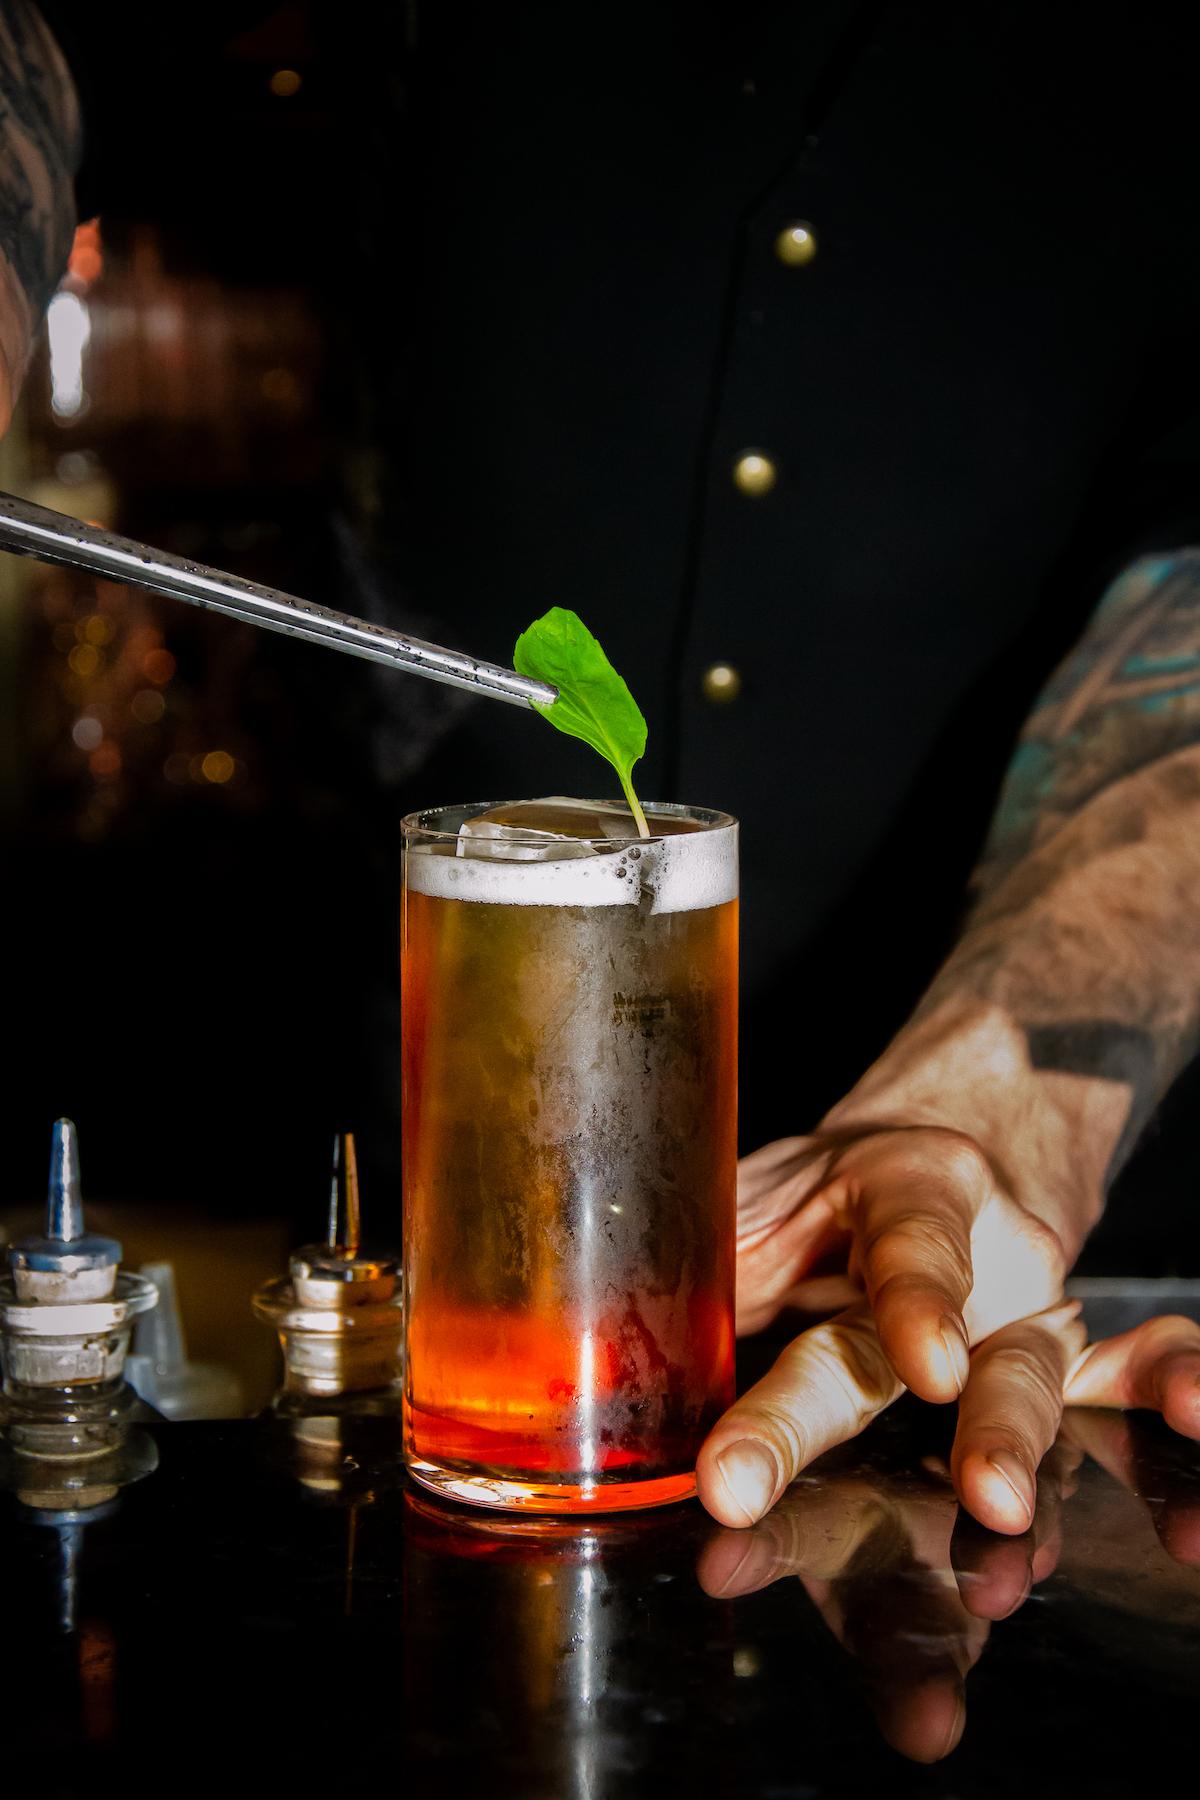 Ben je gek op whisky? Dan is Bar TwentySeven, met z'n indrukwekkende en uitgebreide whisky selectie, zeker een goede optie!